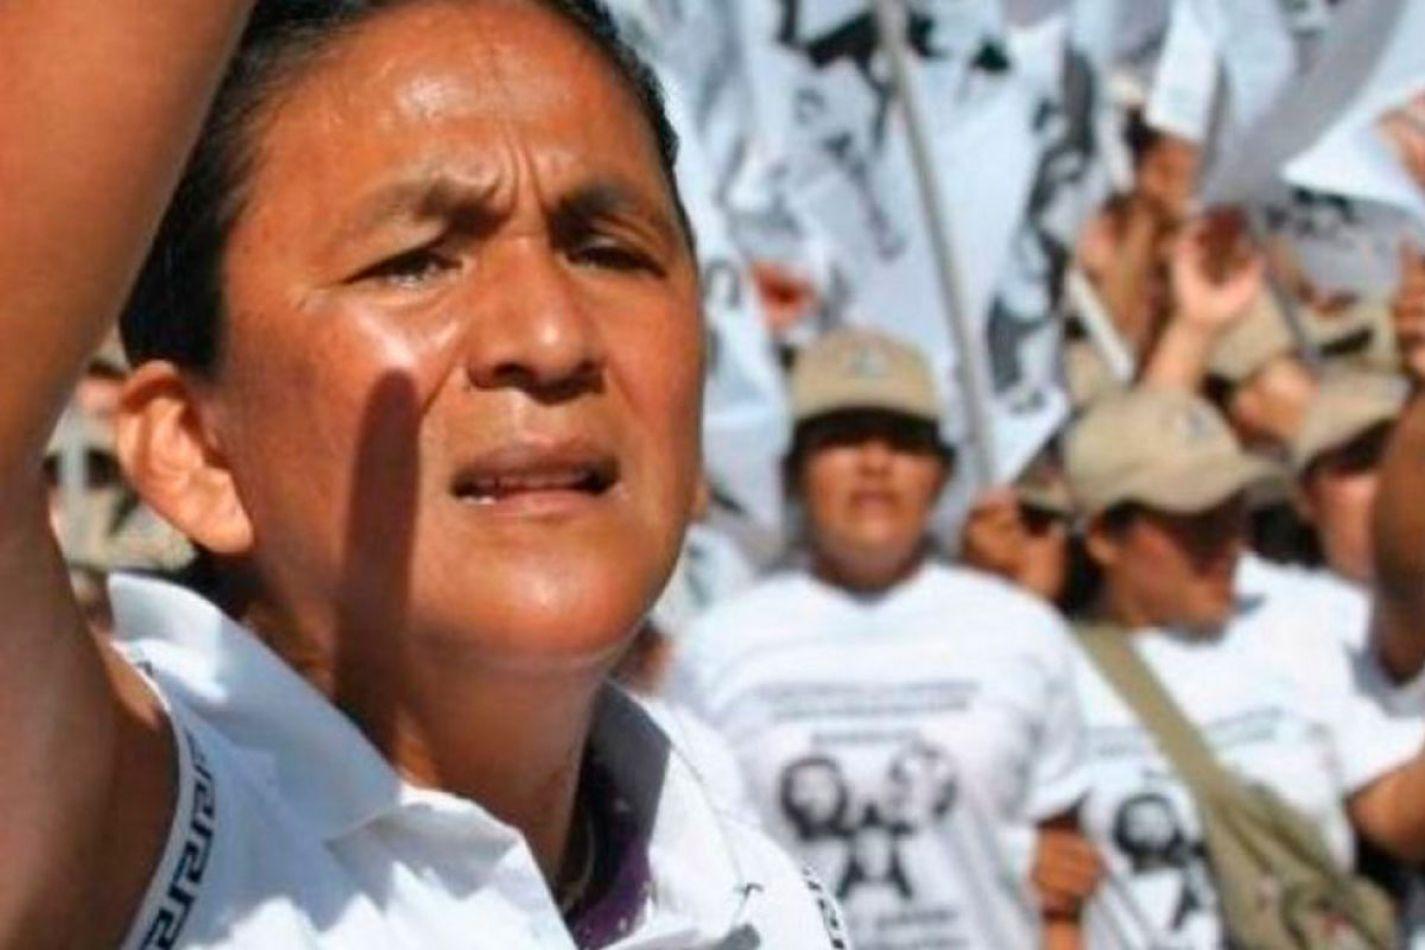 Milagro Sala recibió una condena por delitos sin fecha ni modalidad clara